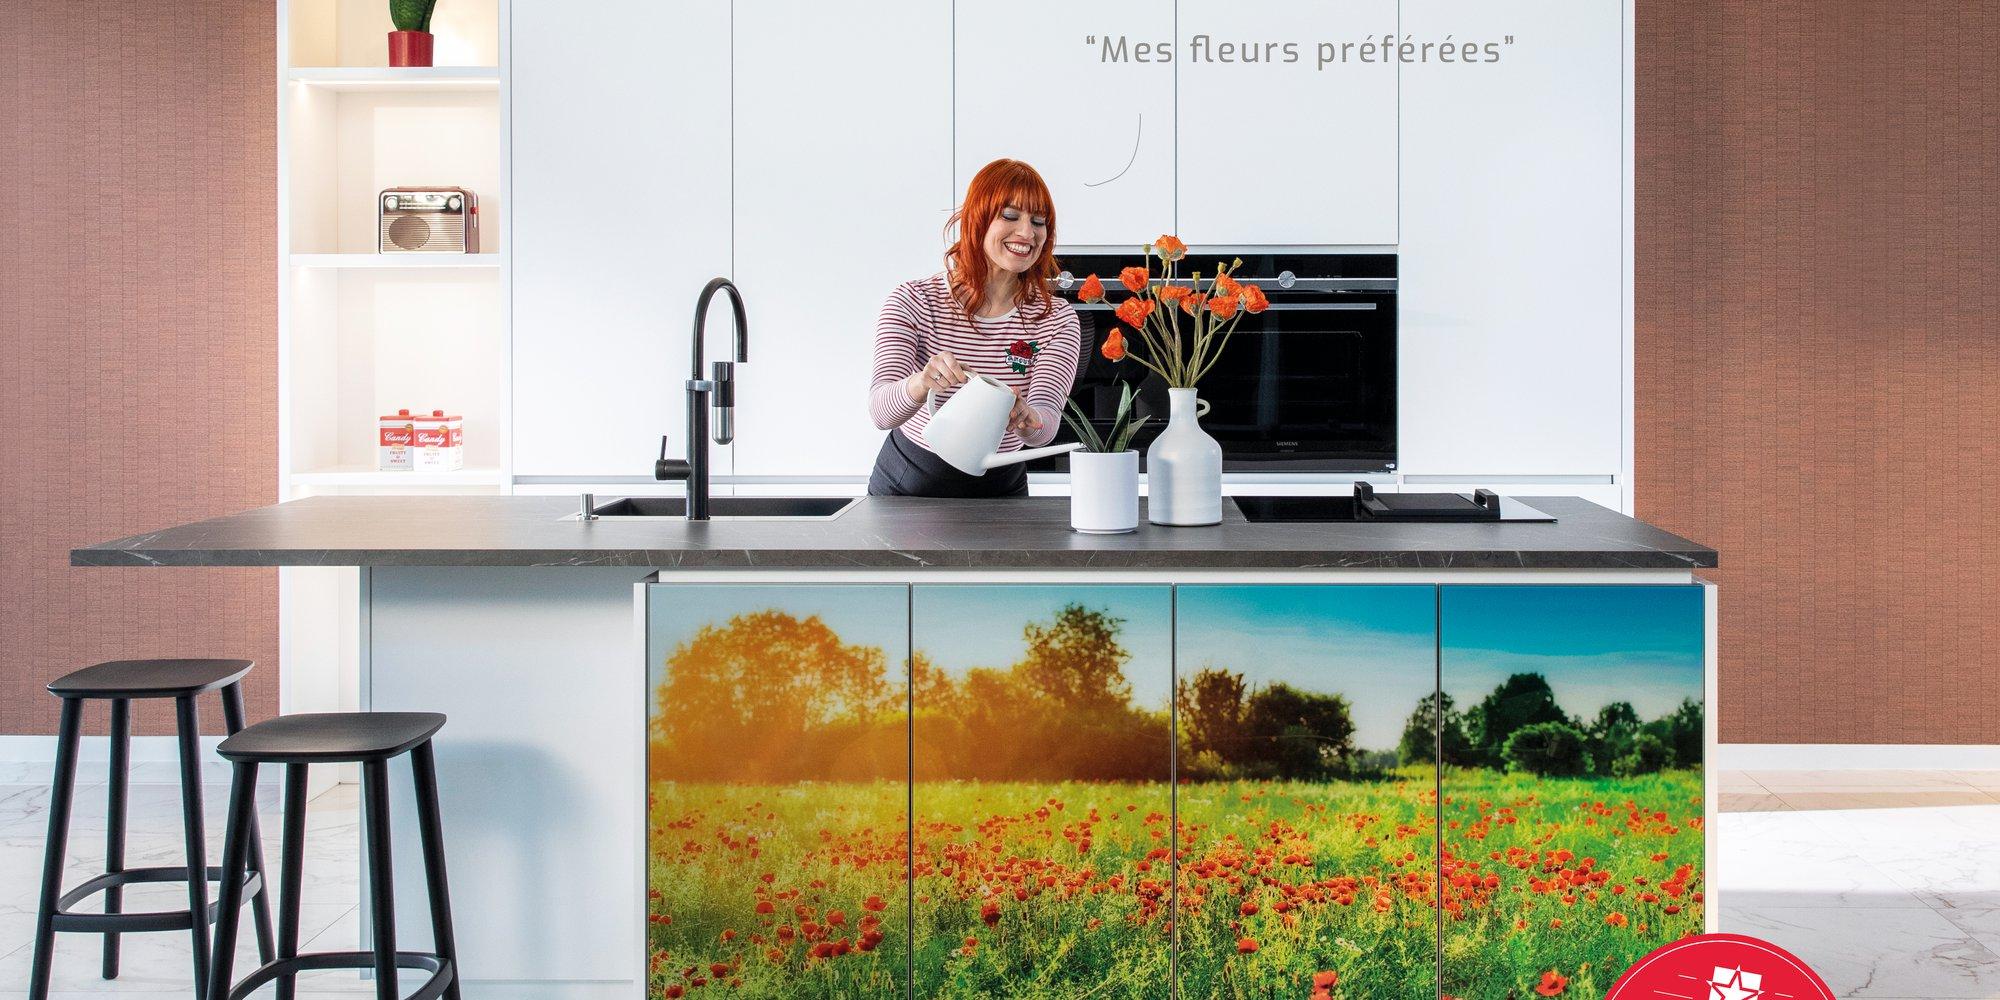 Personnalisez votre cuisine avec votre photo préférée